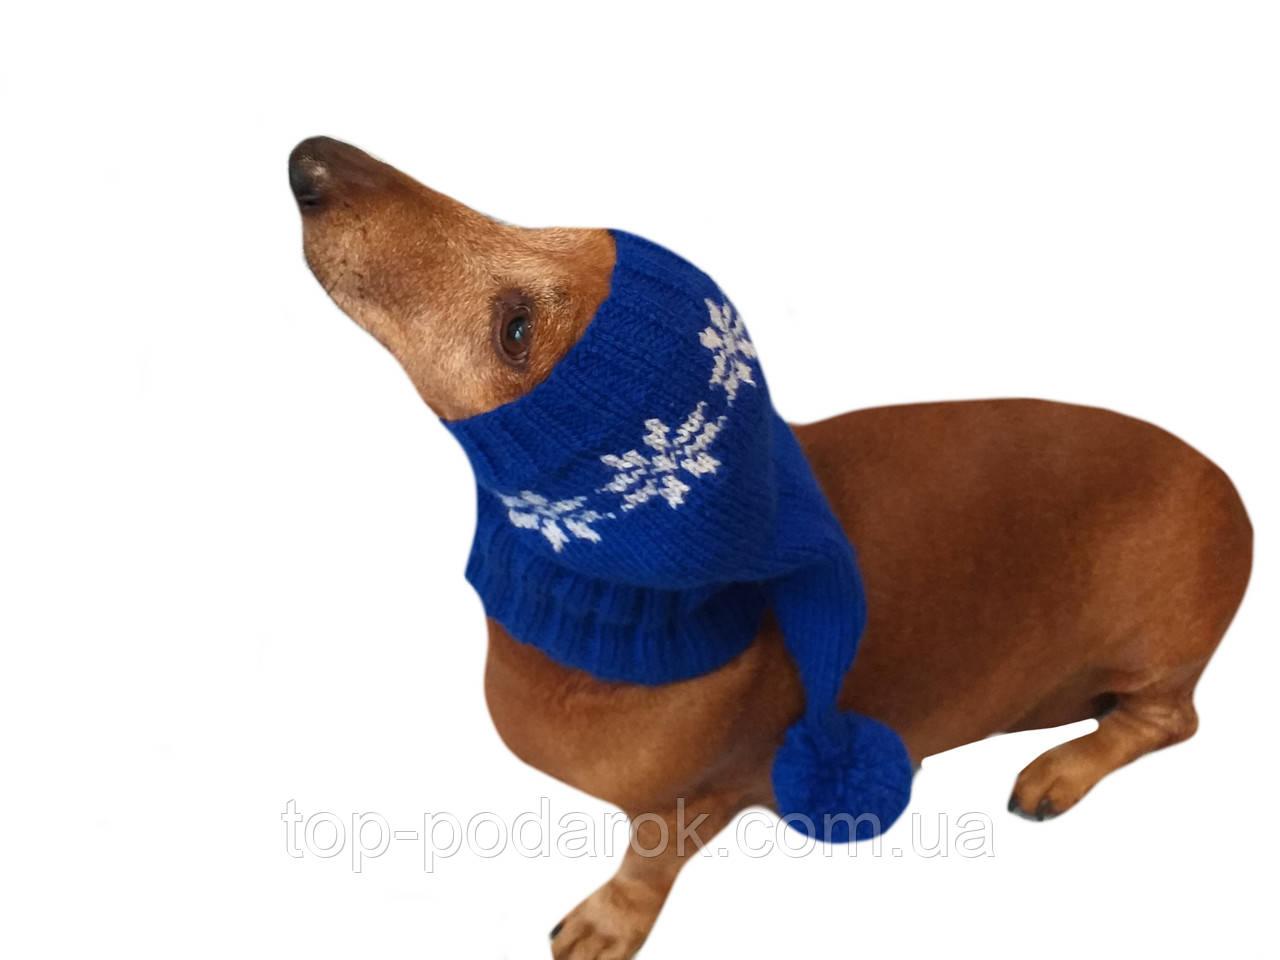 Шапка Санты для собаки вязанная универсальная